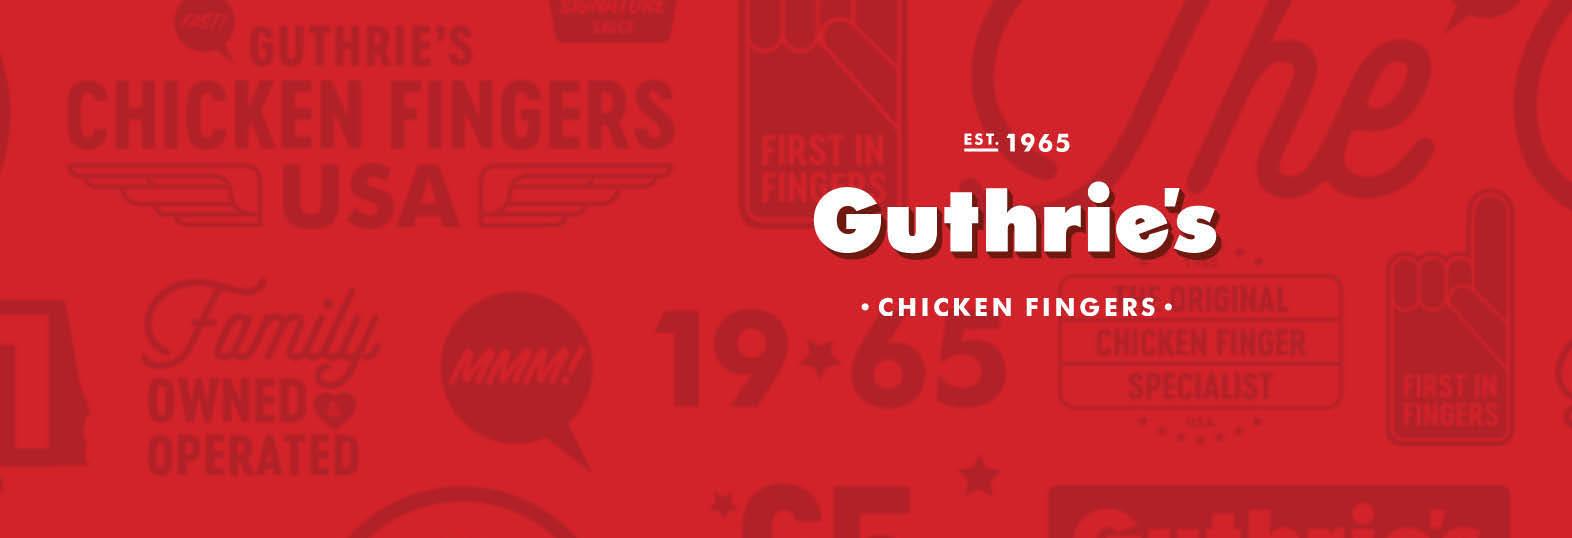 Guthrieschicken, Guthries Chicken Fingers, guthries chicken fingers, guthries